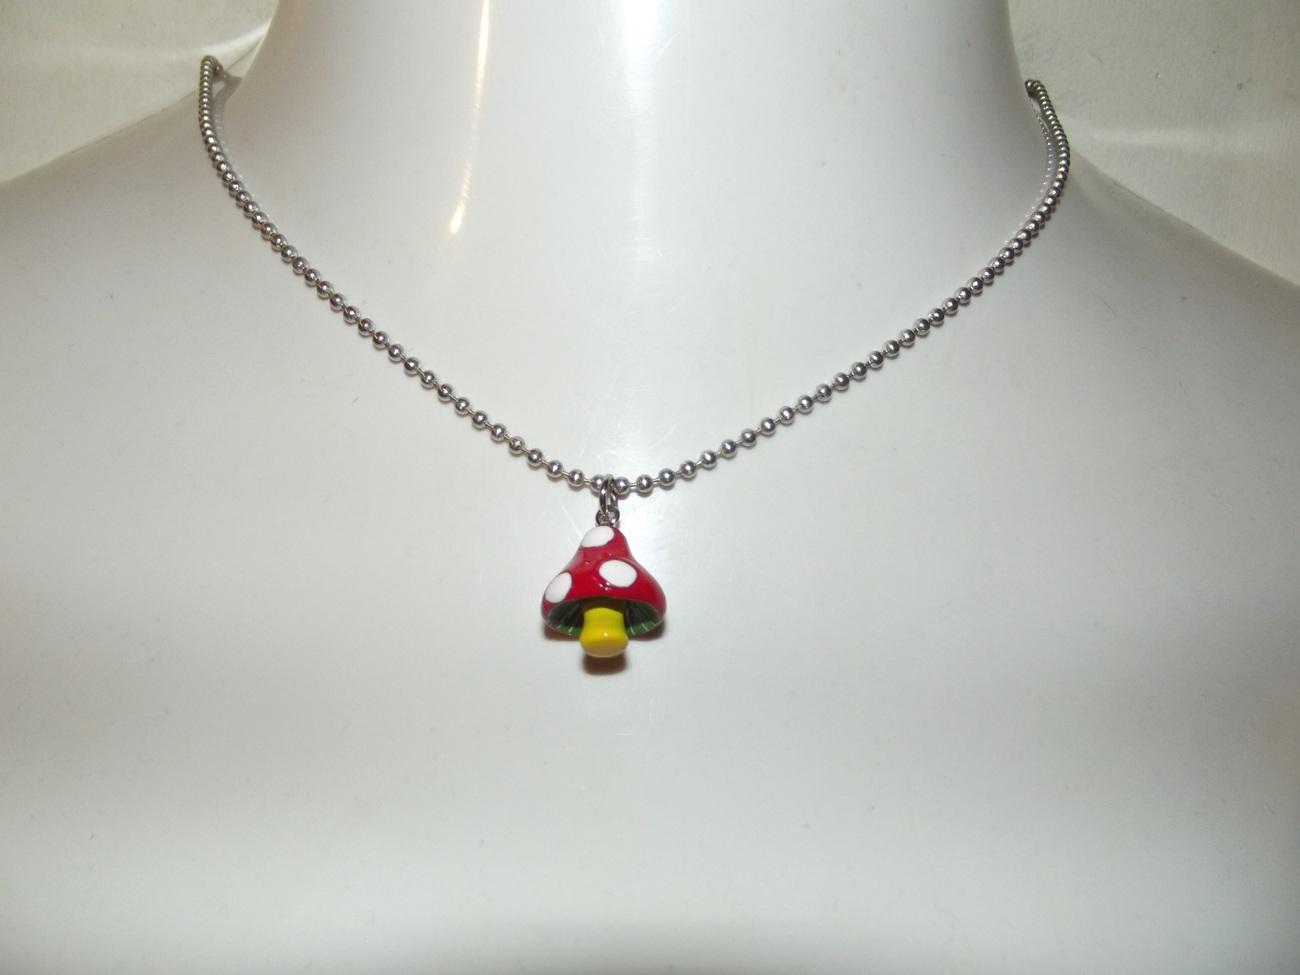 Mushroom Necklace or Earrings